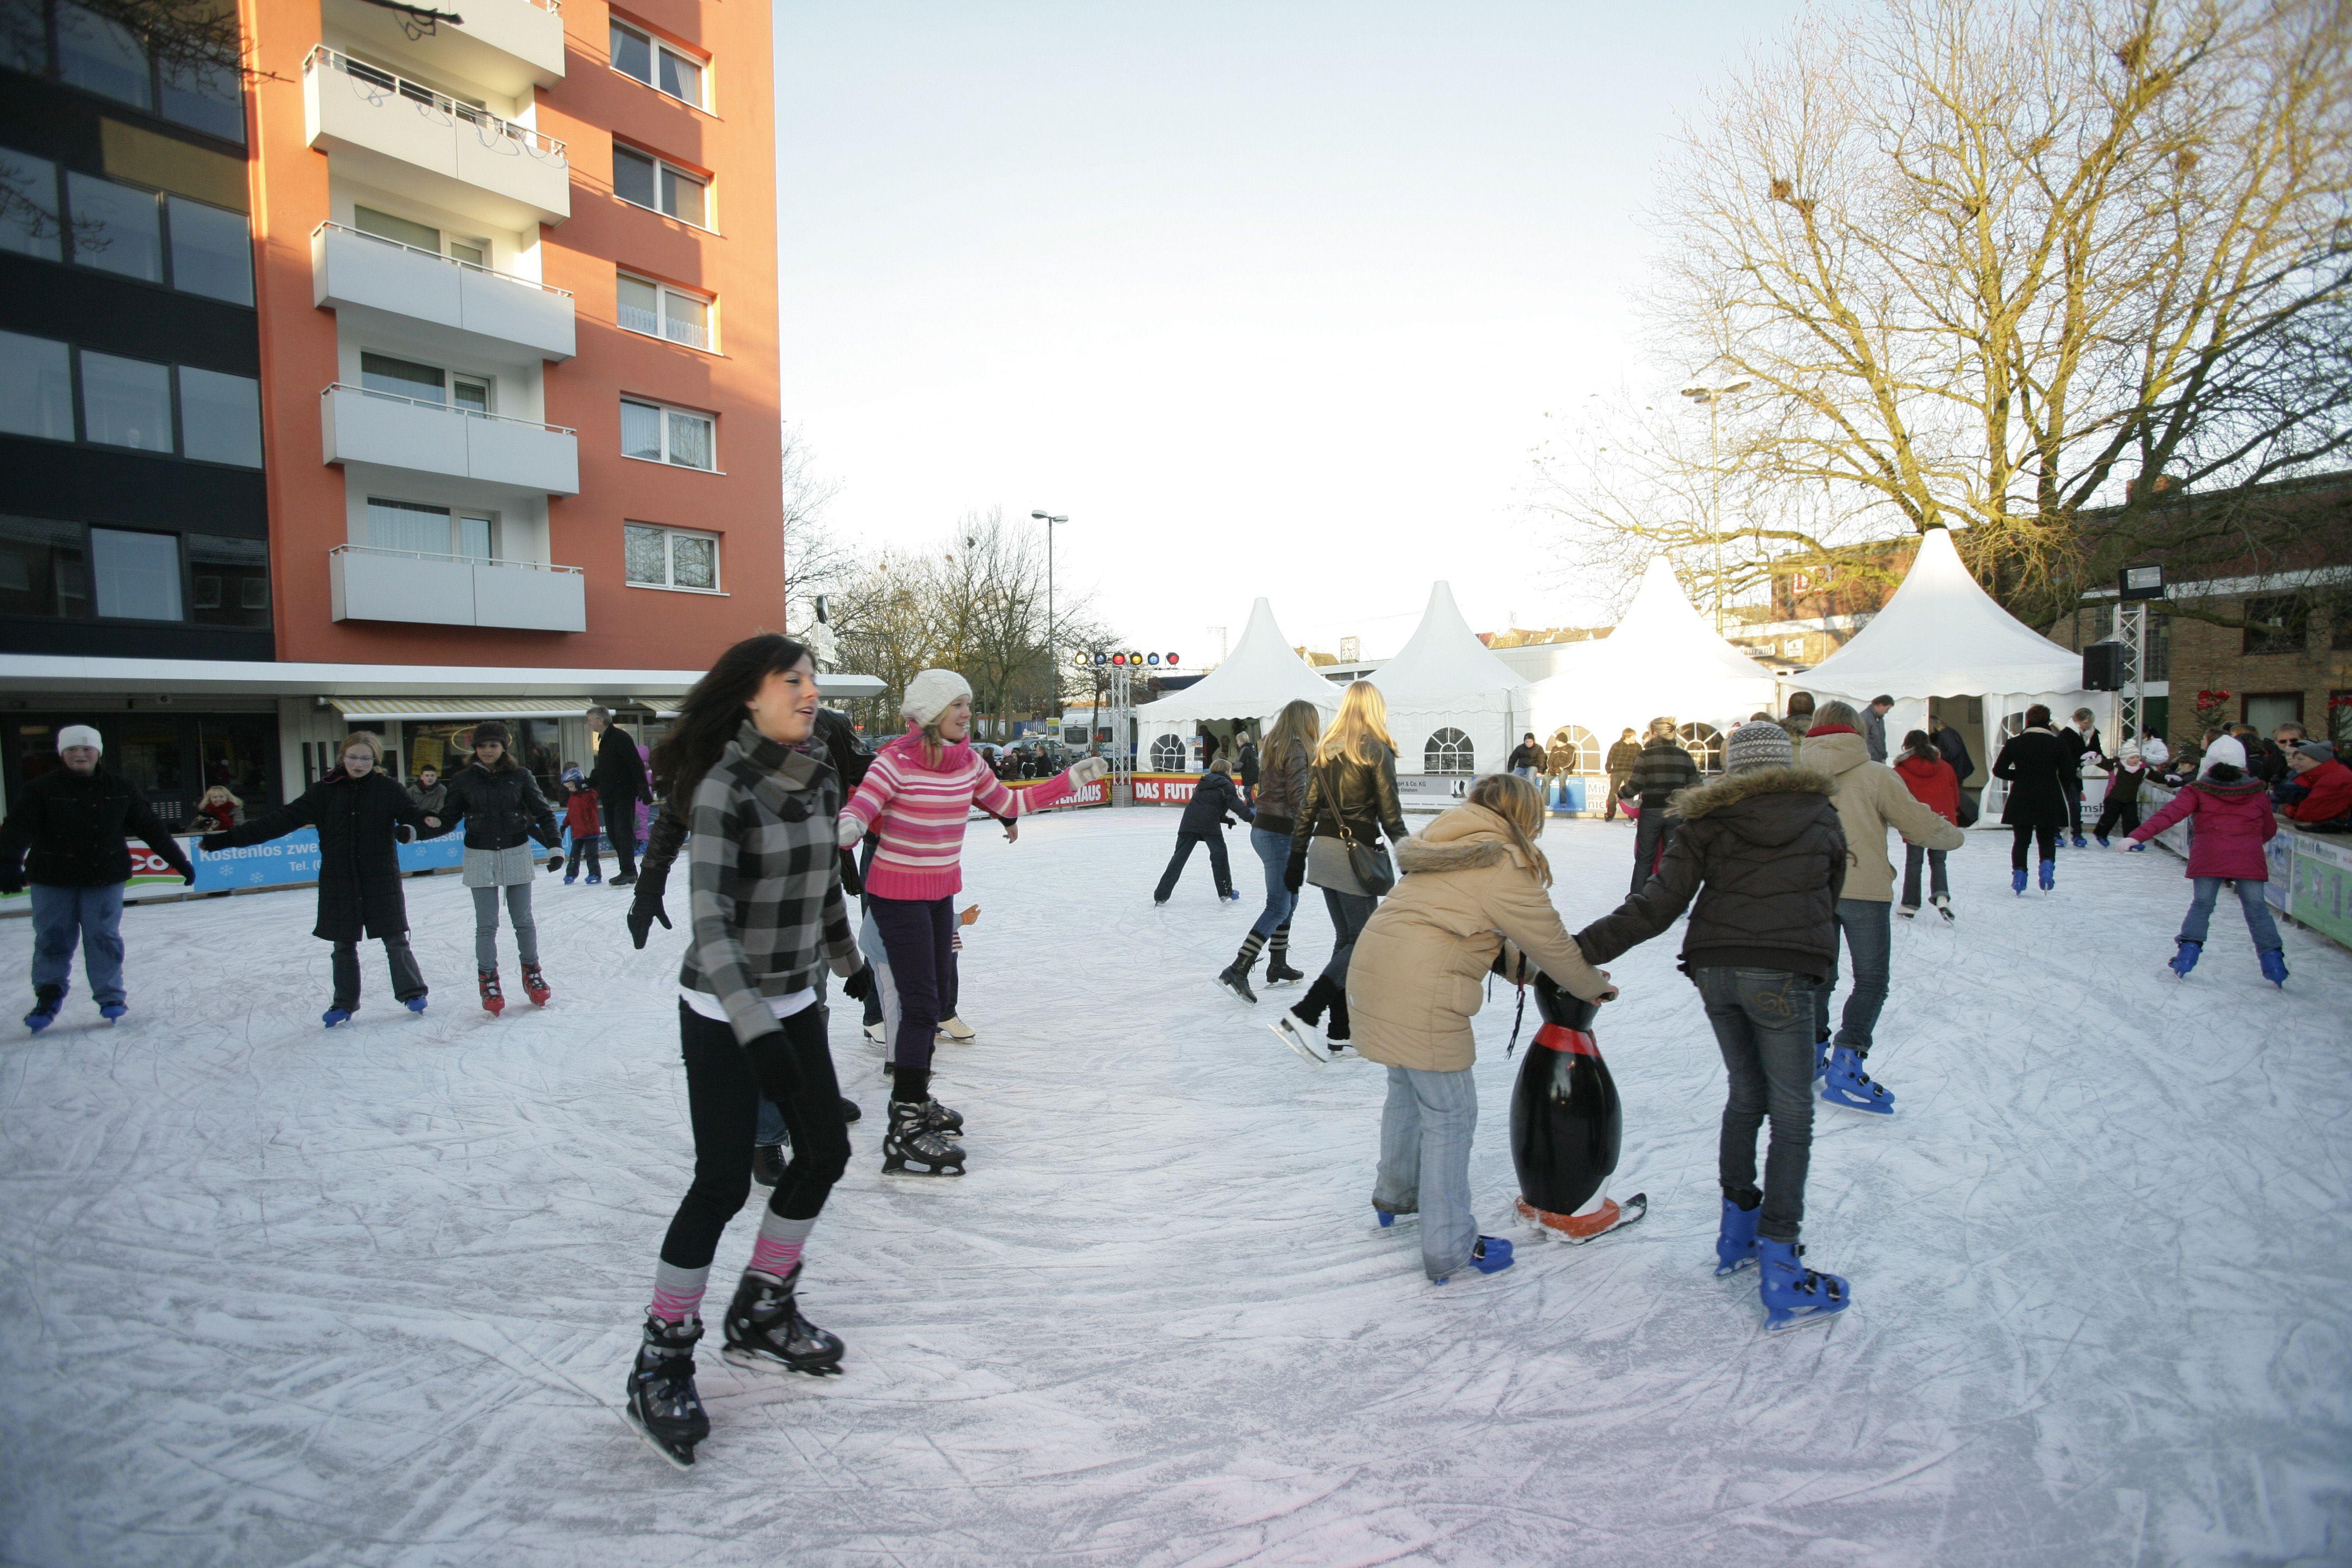 Stadtwerke Eisvergnügen Elmshorn, Holstenplatz © Marco Grundt